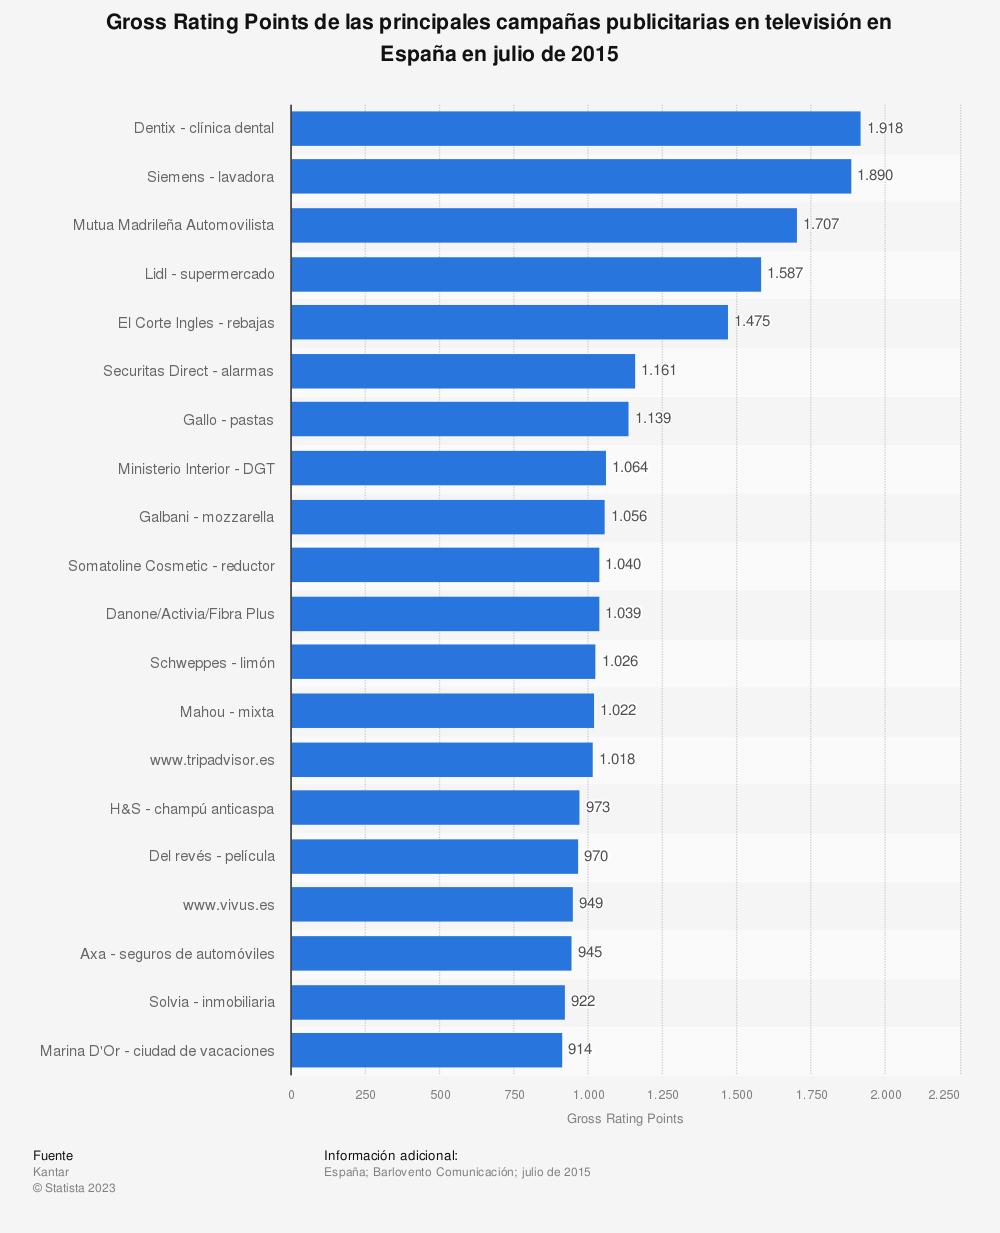 Estadística: Gross Rating Points de las principales campañas publicitarias en televisión en España en julio de 2015 | Statista